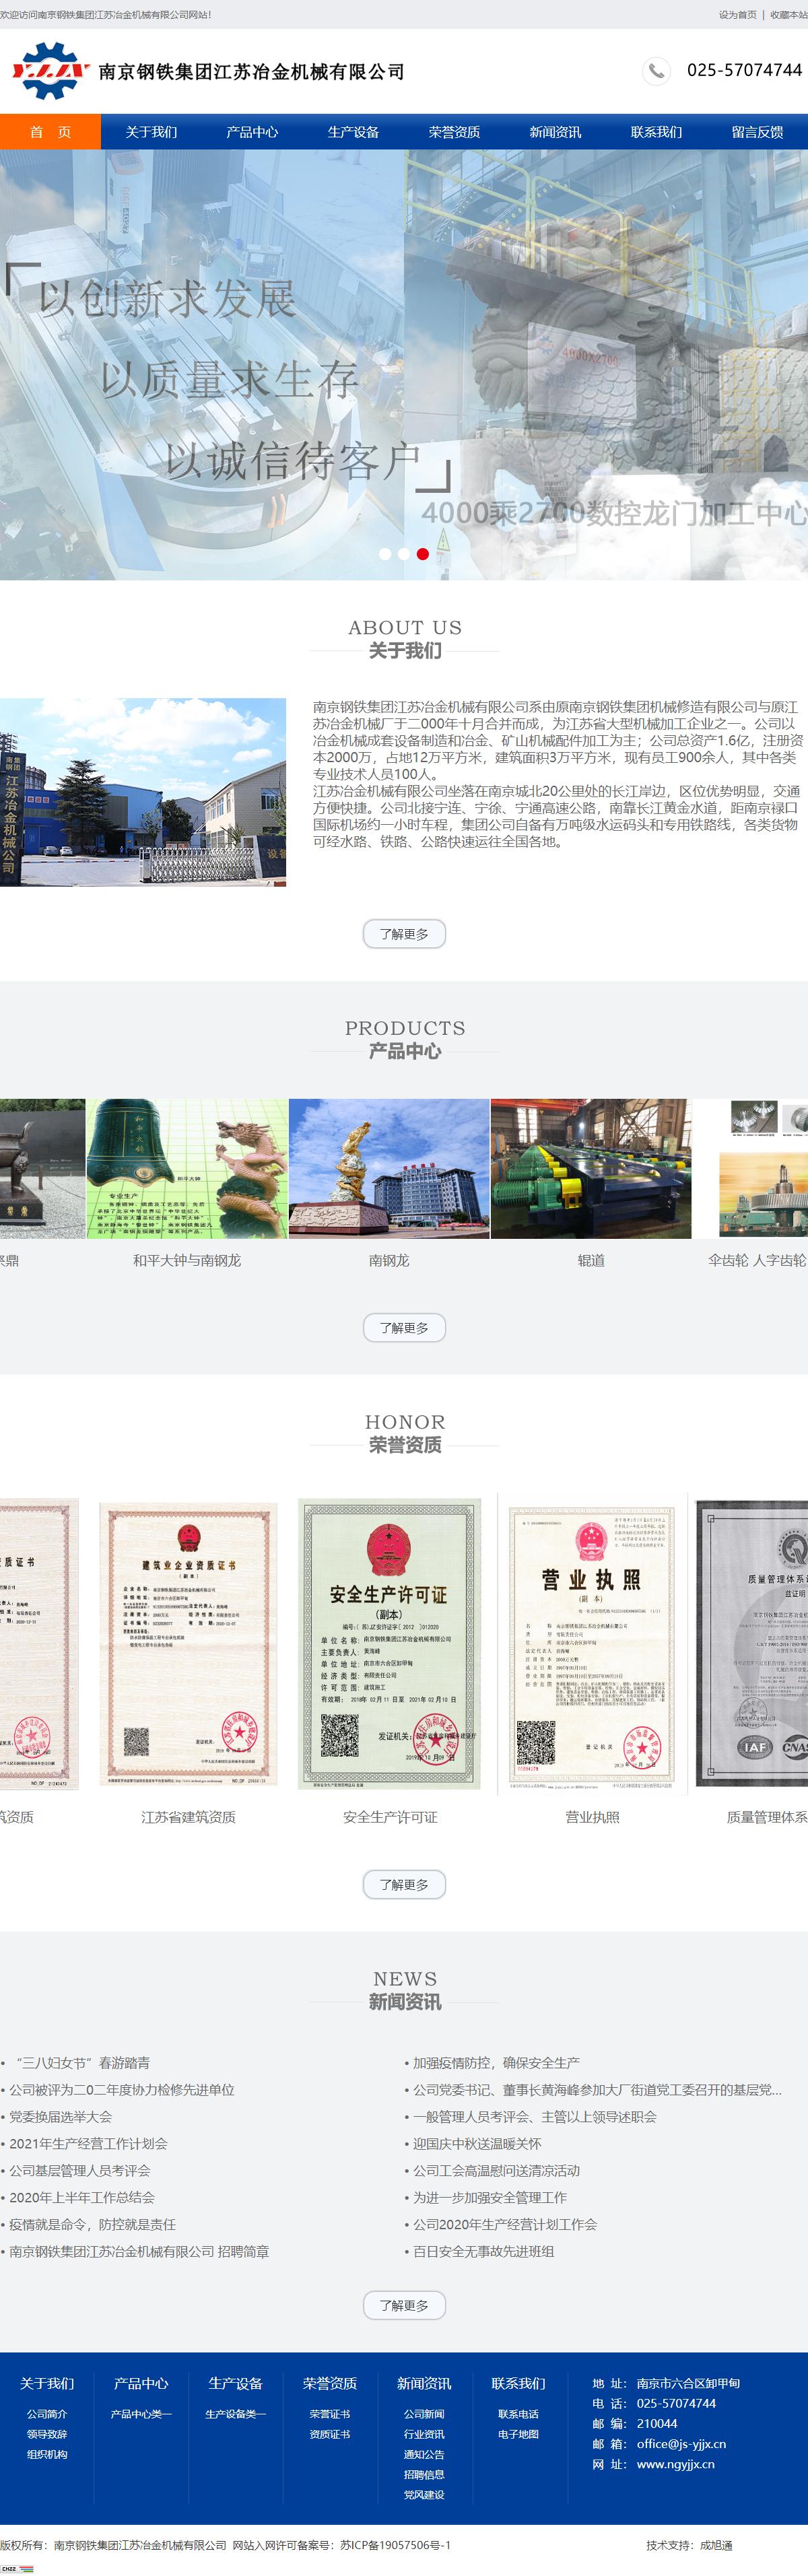 南京钢铁集团江苏冶金机械有限公司网站案例